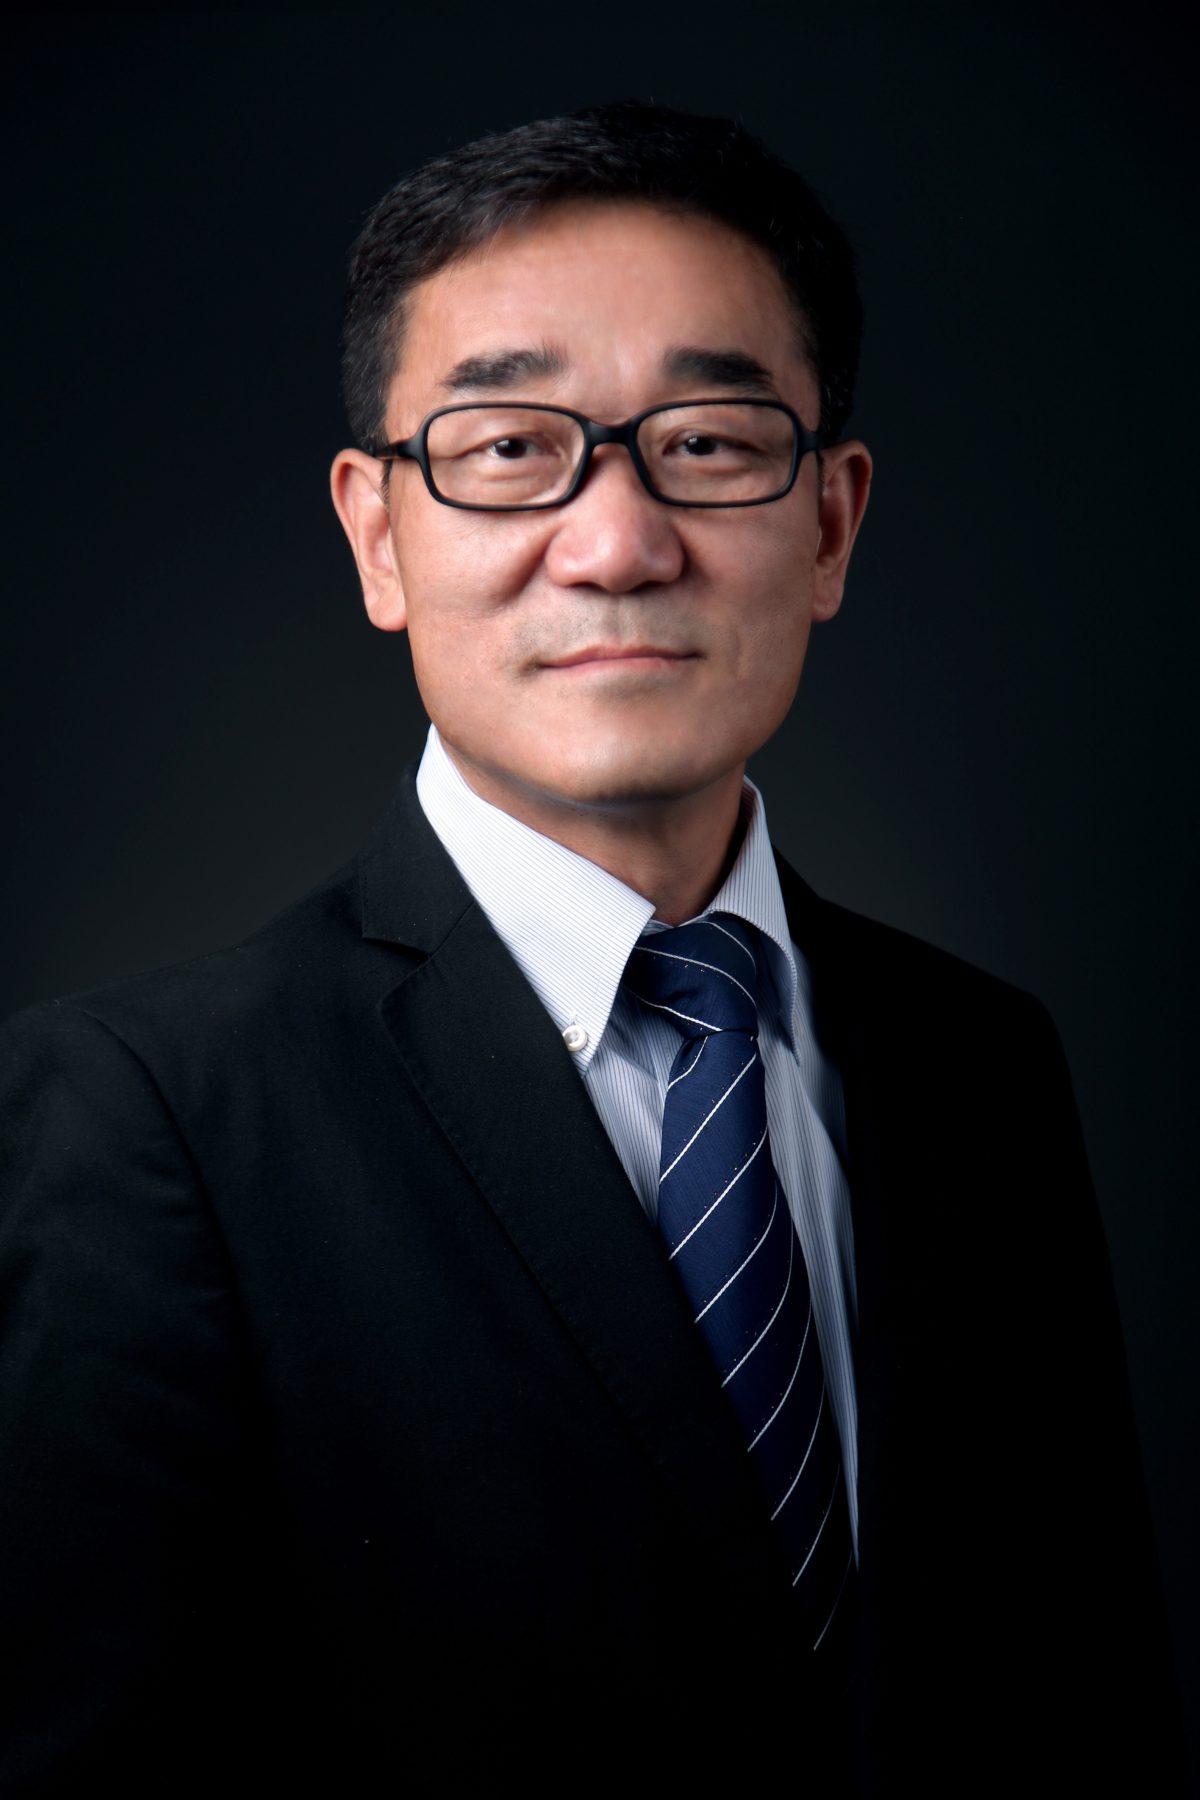 Lanfeng (Louis) Liu